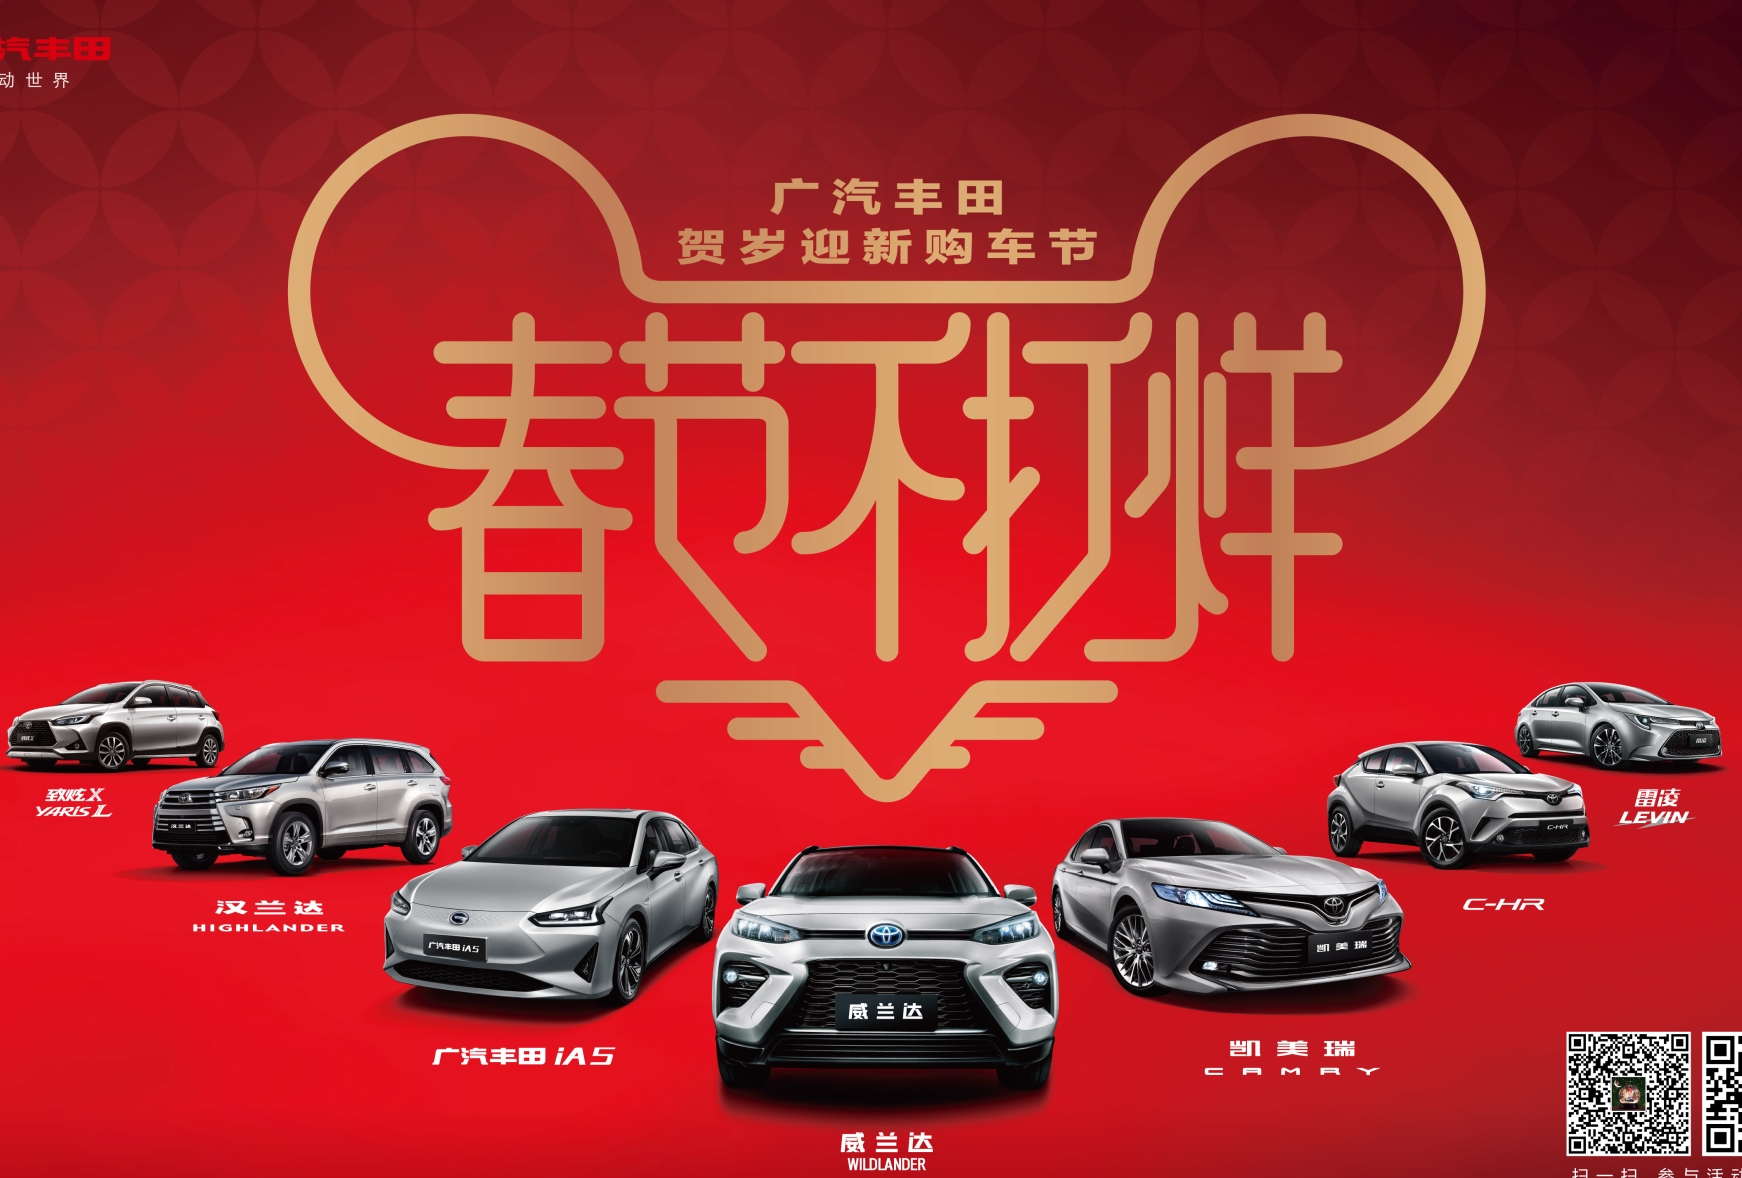 春节不打烊,贺岁迎新购车节来了!